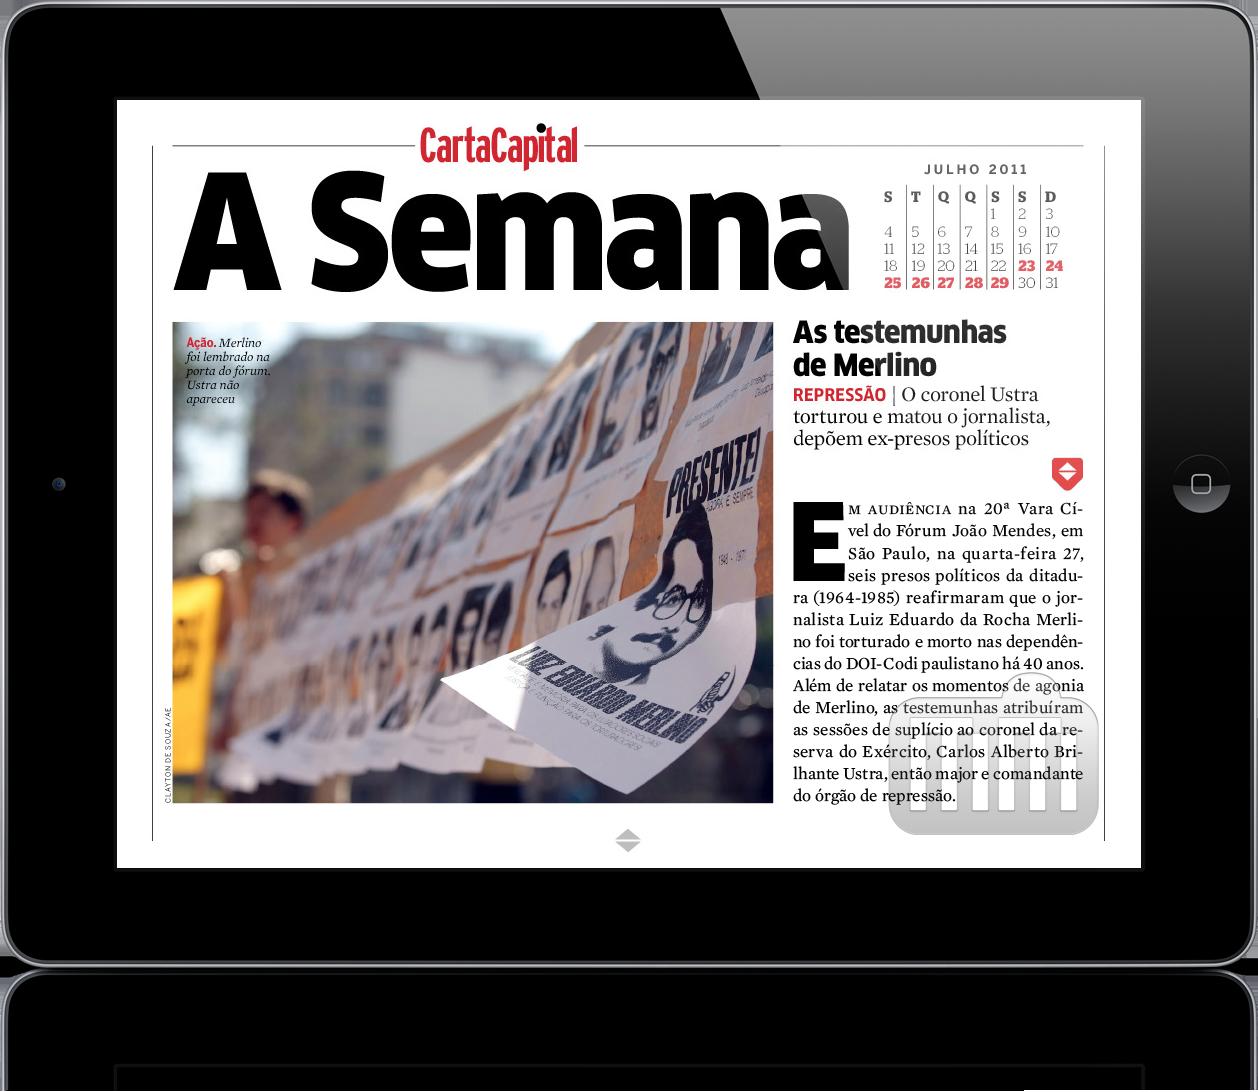 Revista CartaCapital no iPad